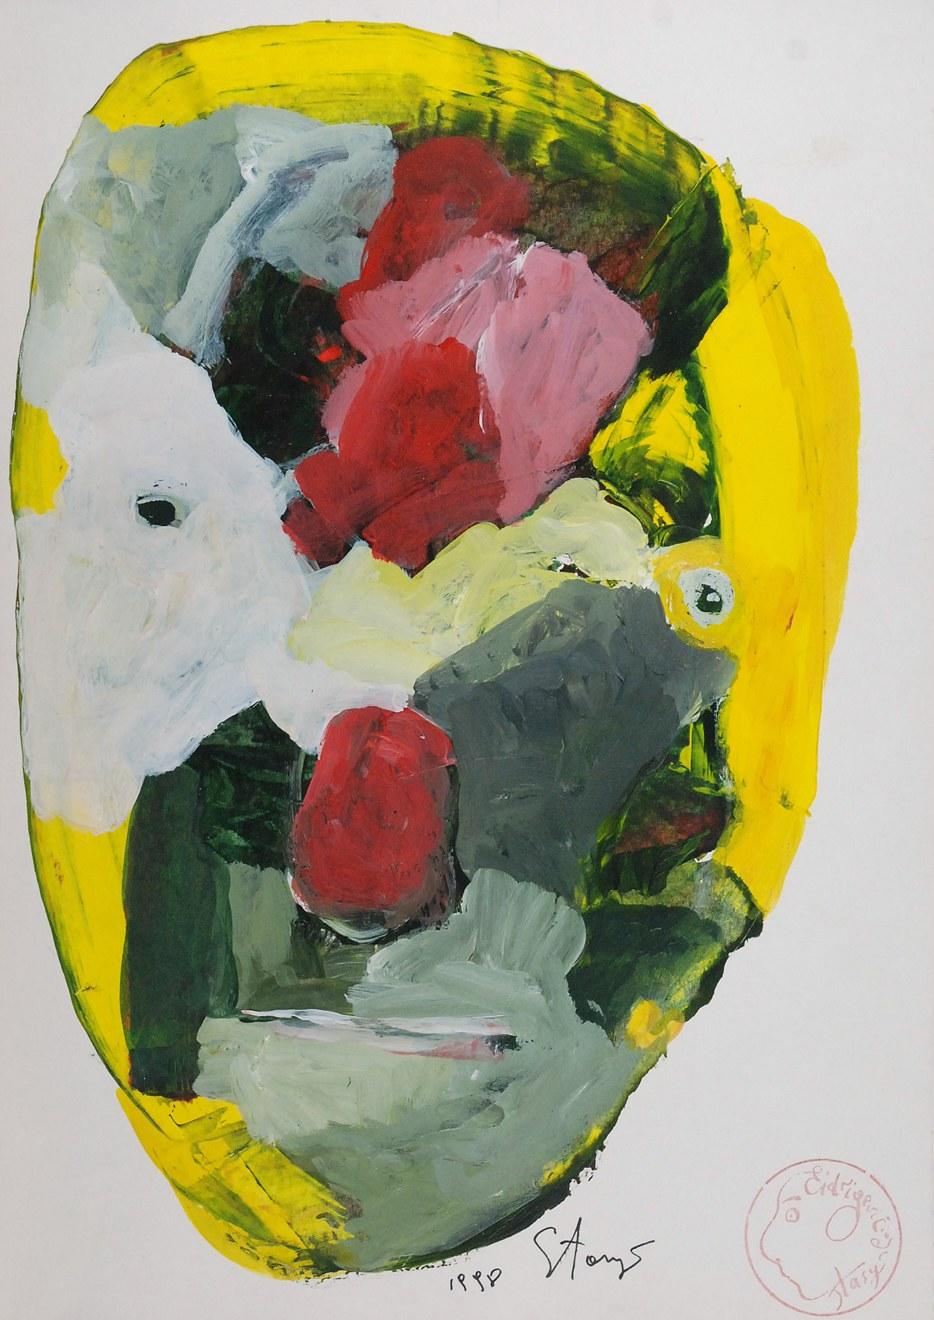 Stasys EIDRIGEVICIUS (ur. 1949), Paleta, 1998